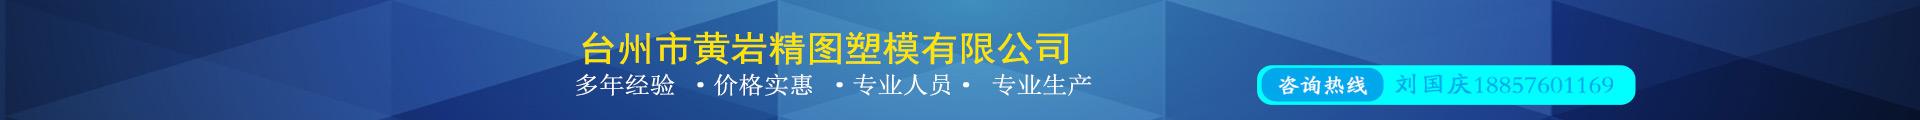 台州市黃岩精圖塑模有限公司